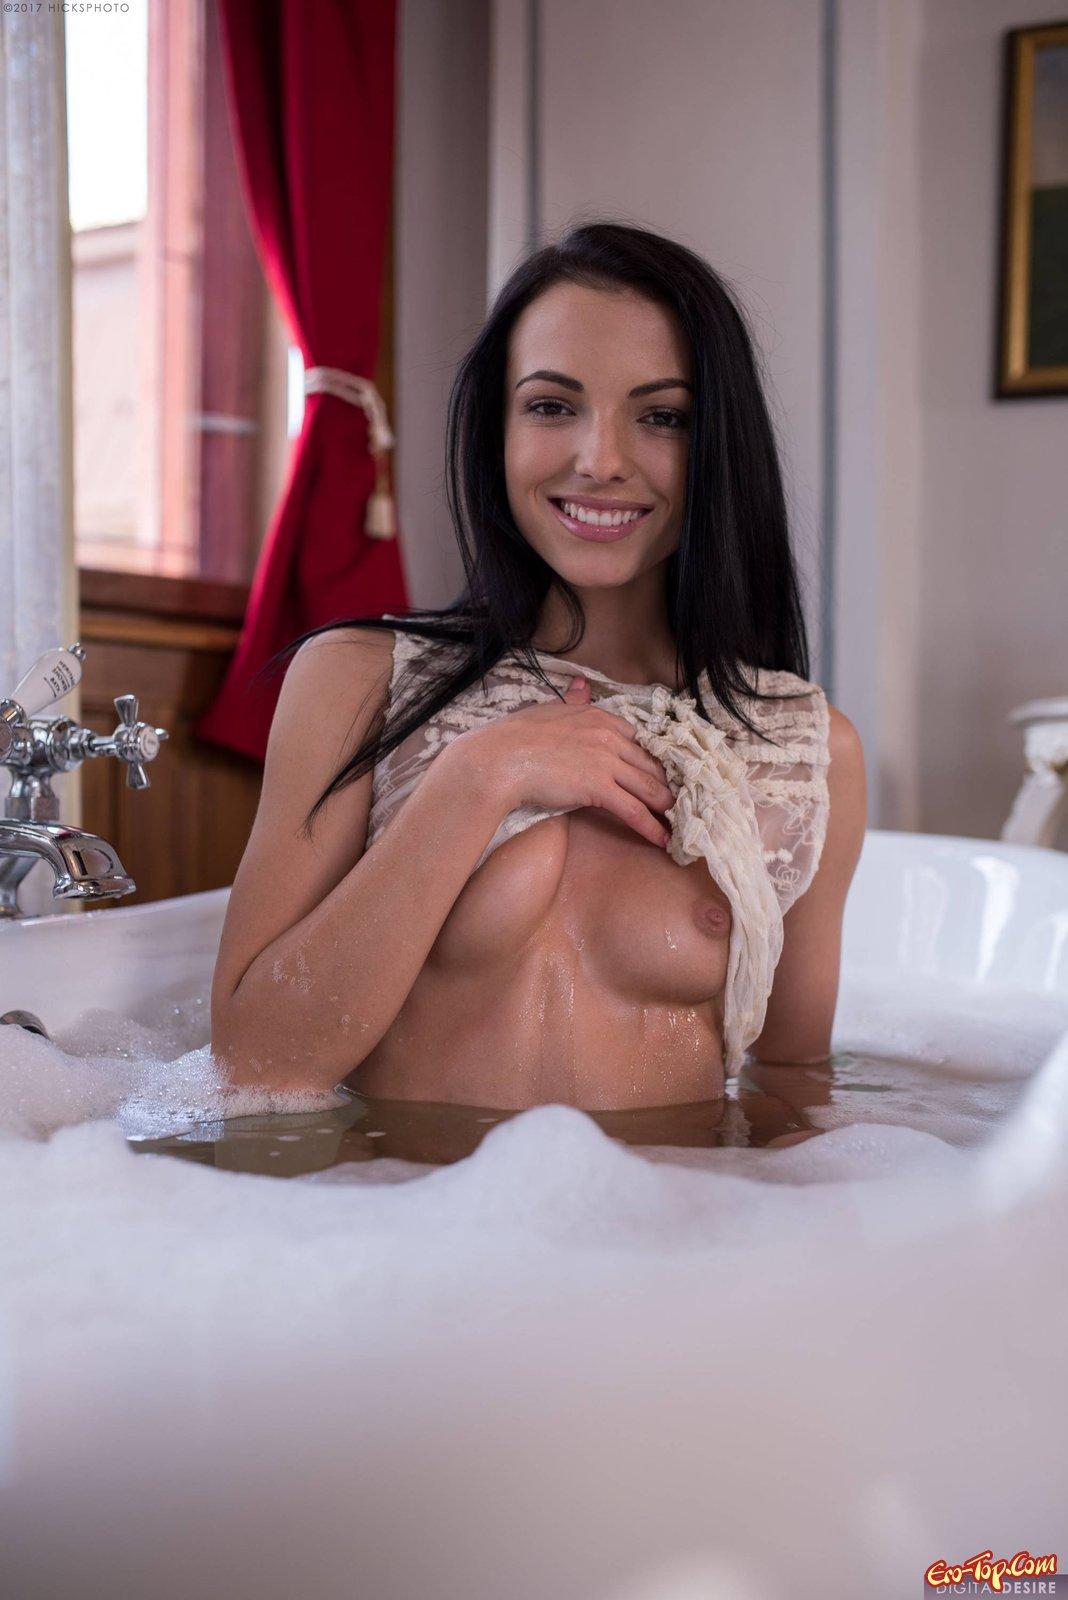 Брюнеточка без стрингов намочилась и позирует в ванне смотреть эротику